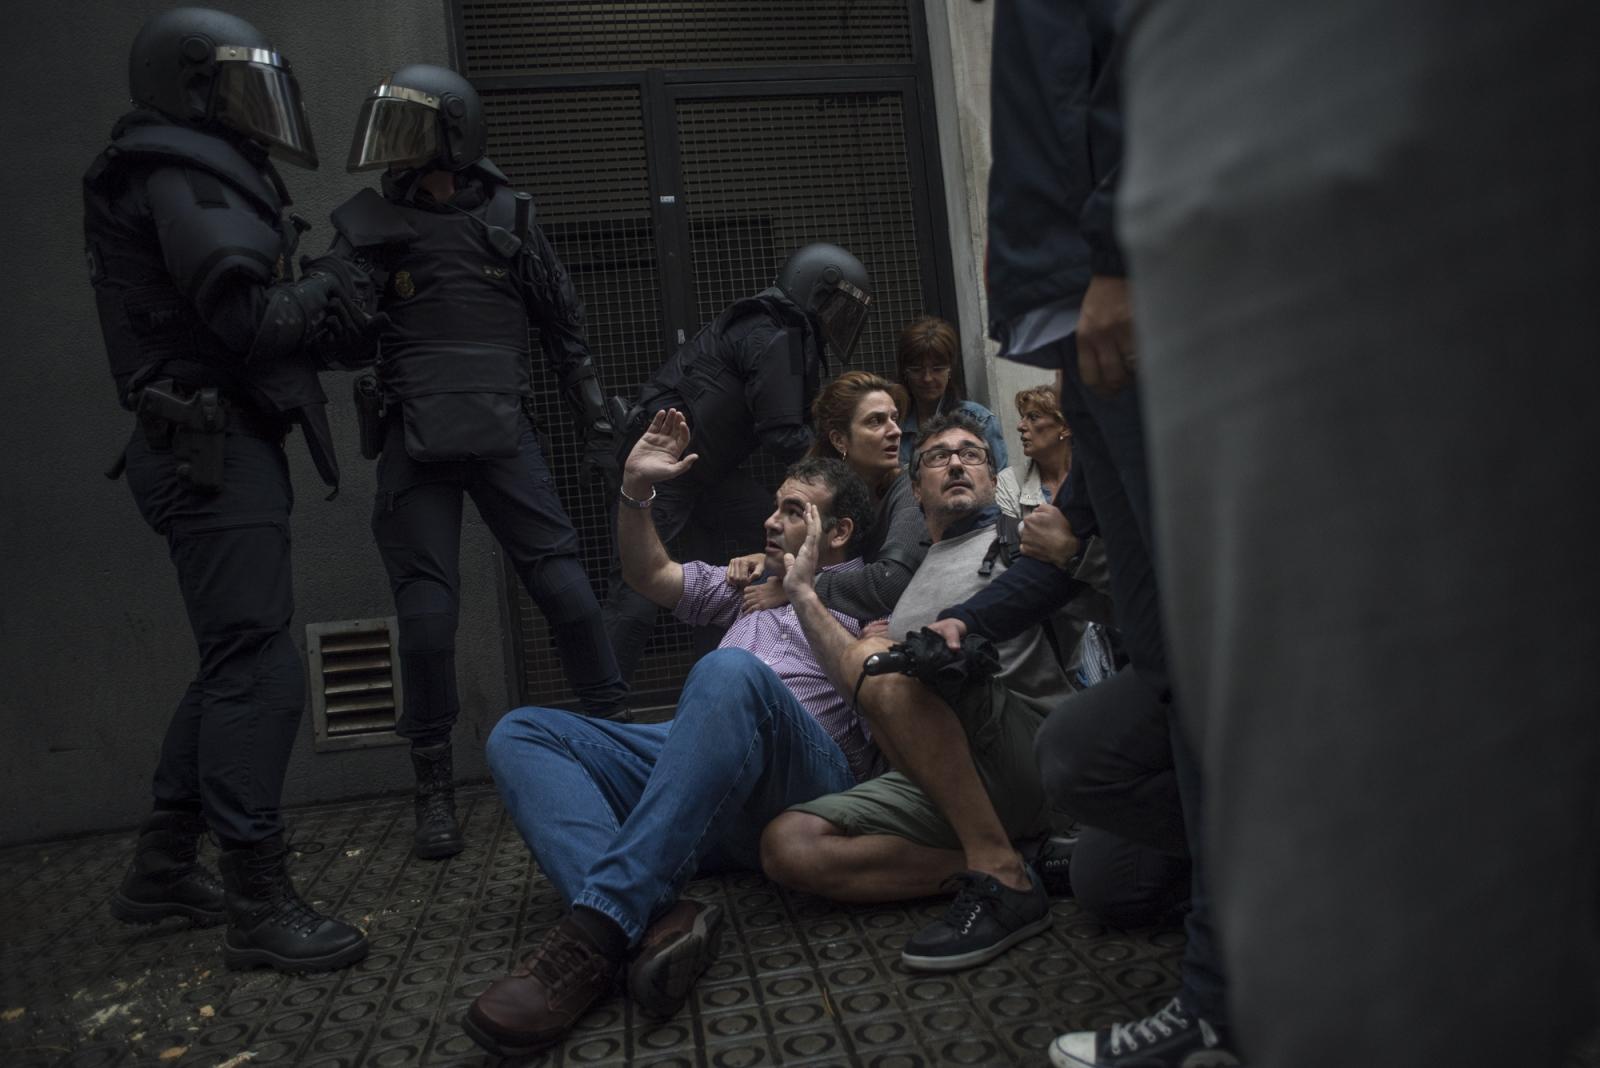 Photography image - Loading CatalanIndependence002.JPG